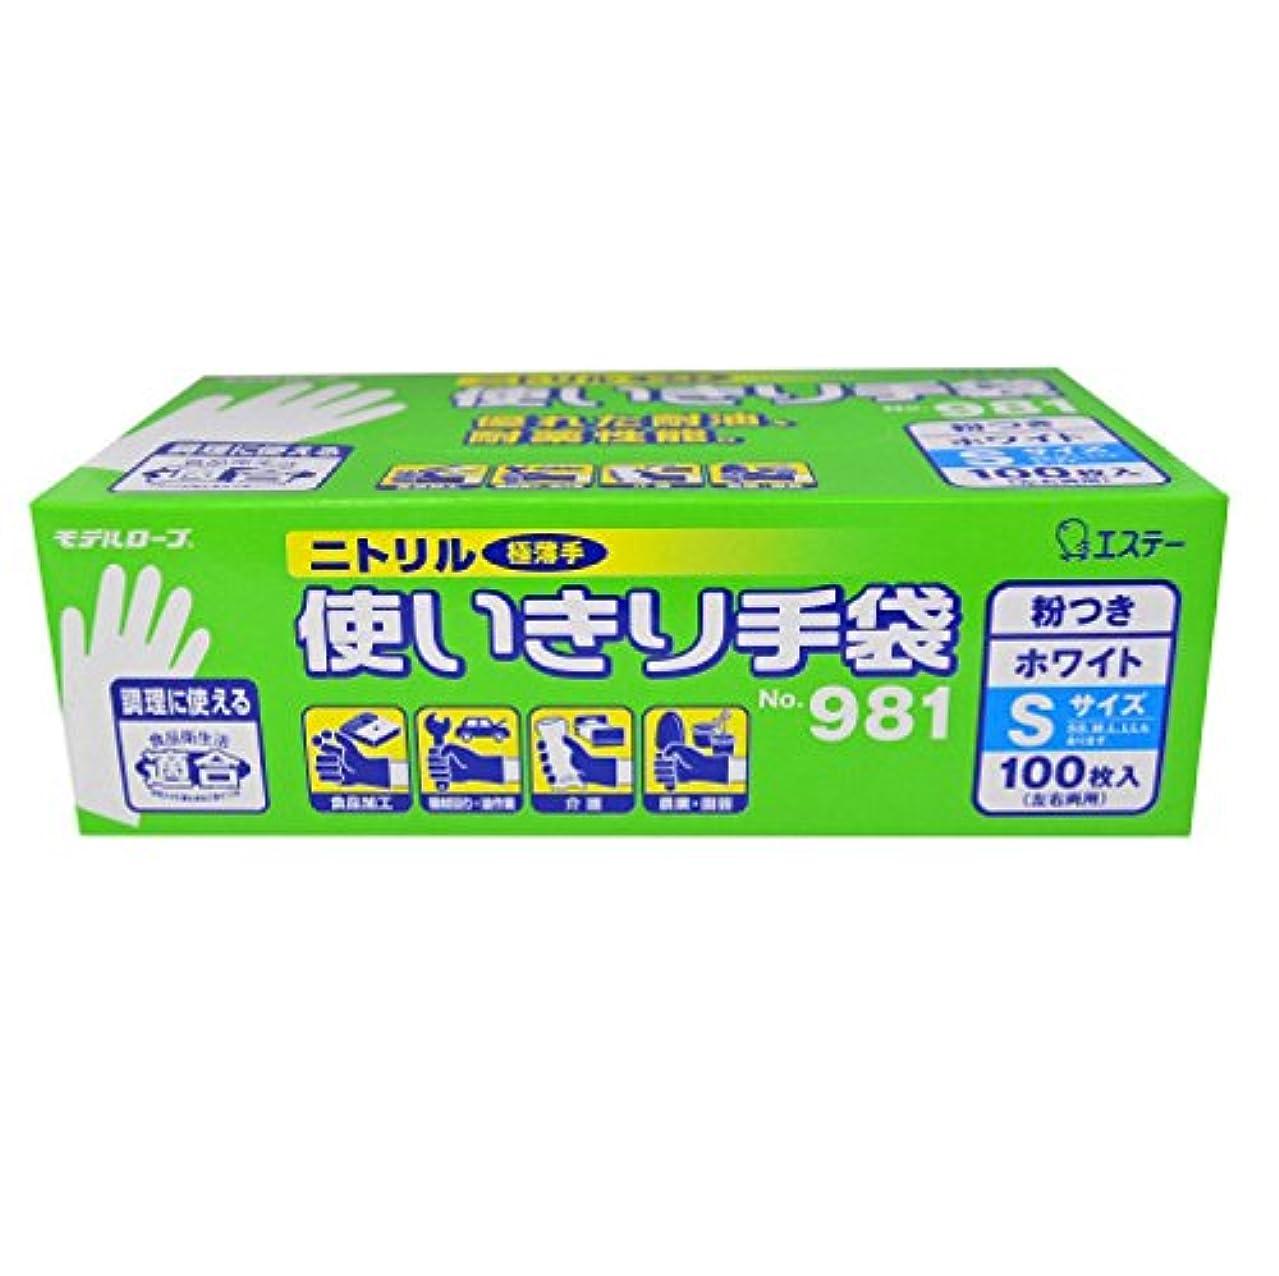 ビジターロマンチックシェルエステー/ニトリル使いきり手袋 箱入 (粉つき) [100枚入]/品番:981 サイズ:M カラー:ブルー